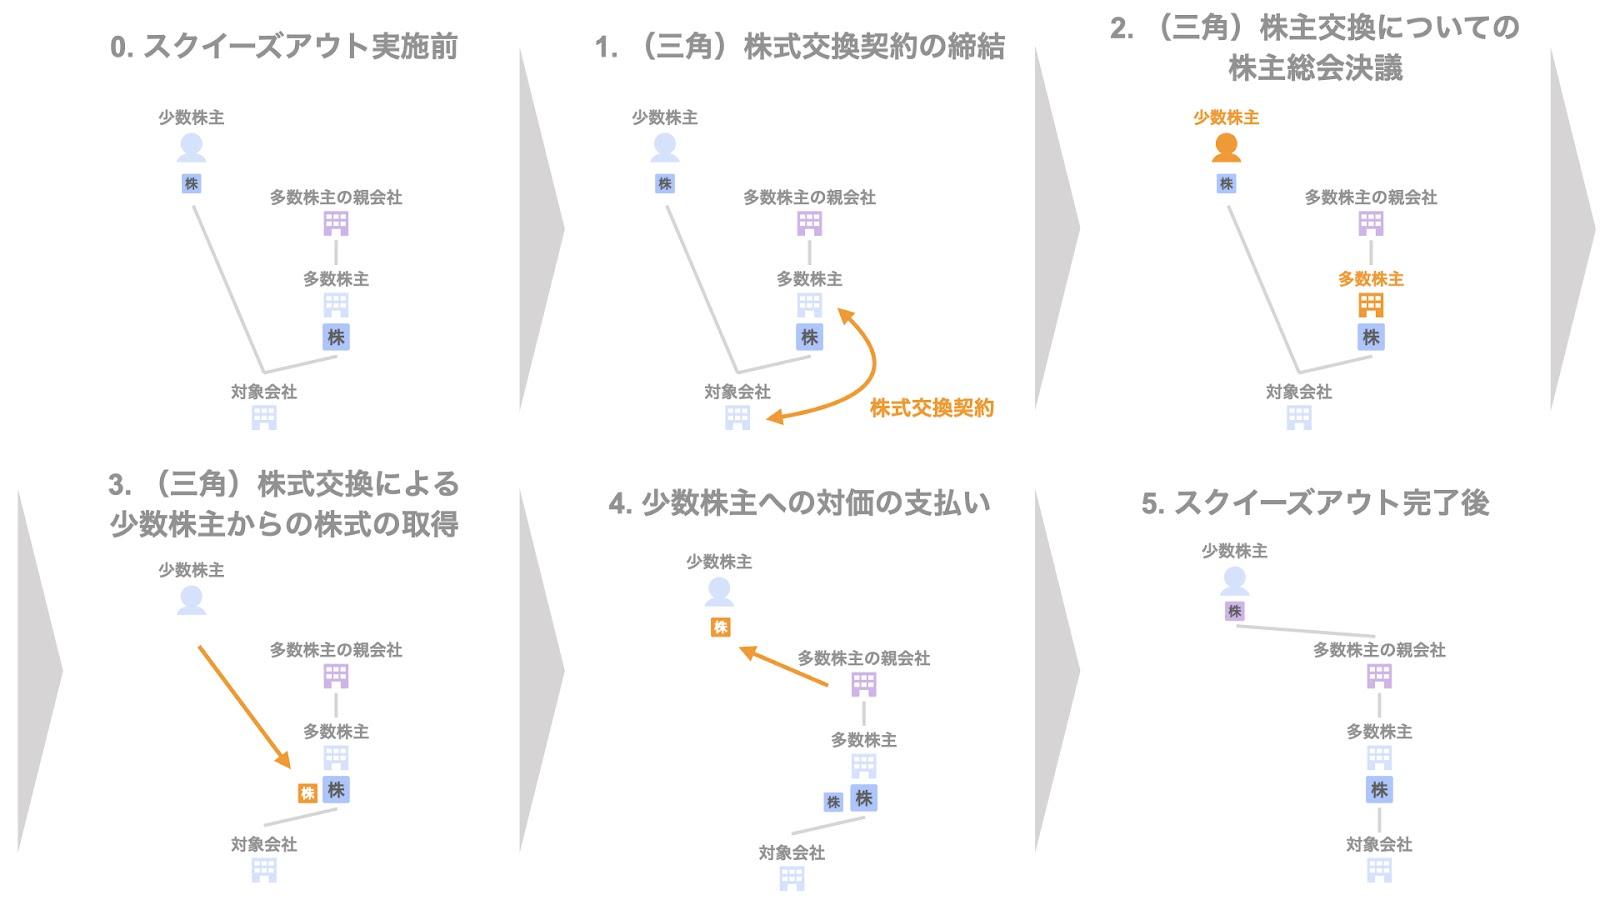 三角株式交換 - 株式対価の手法②